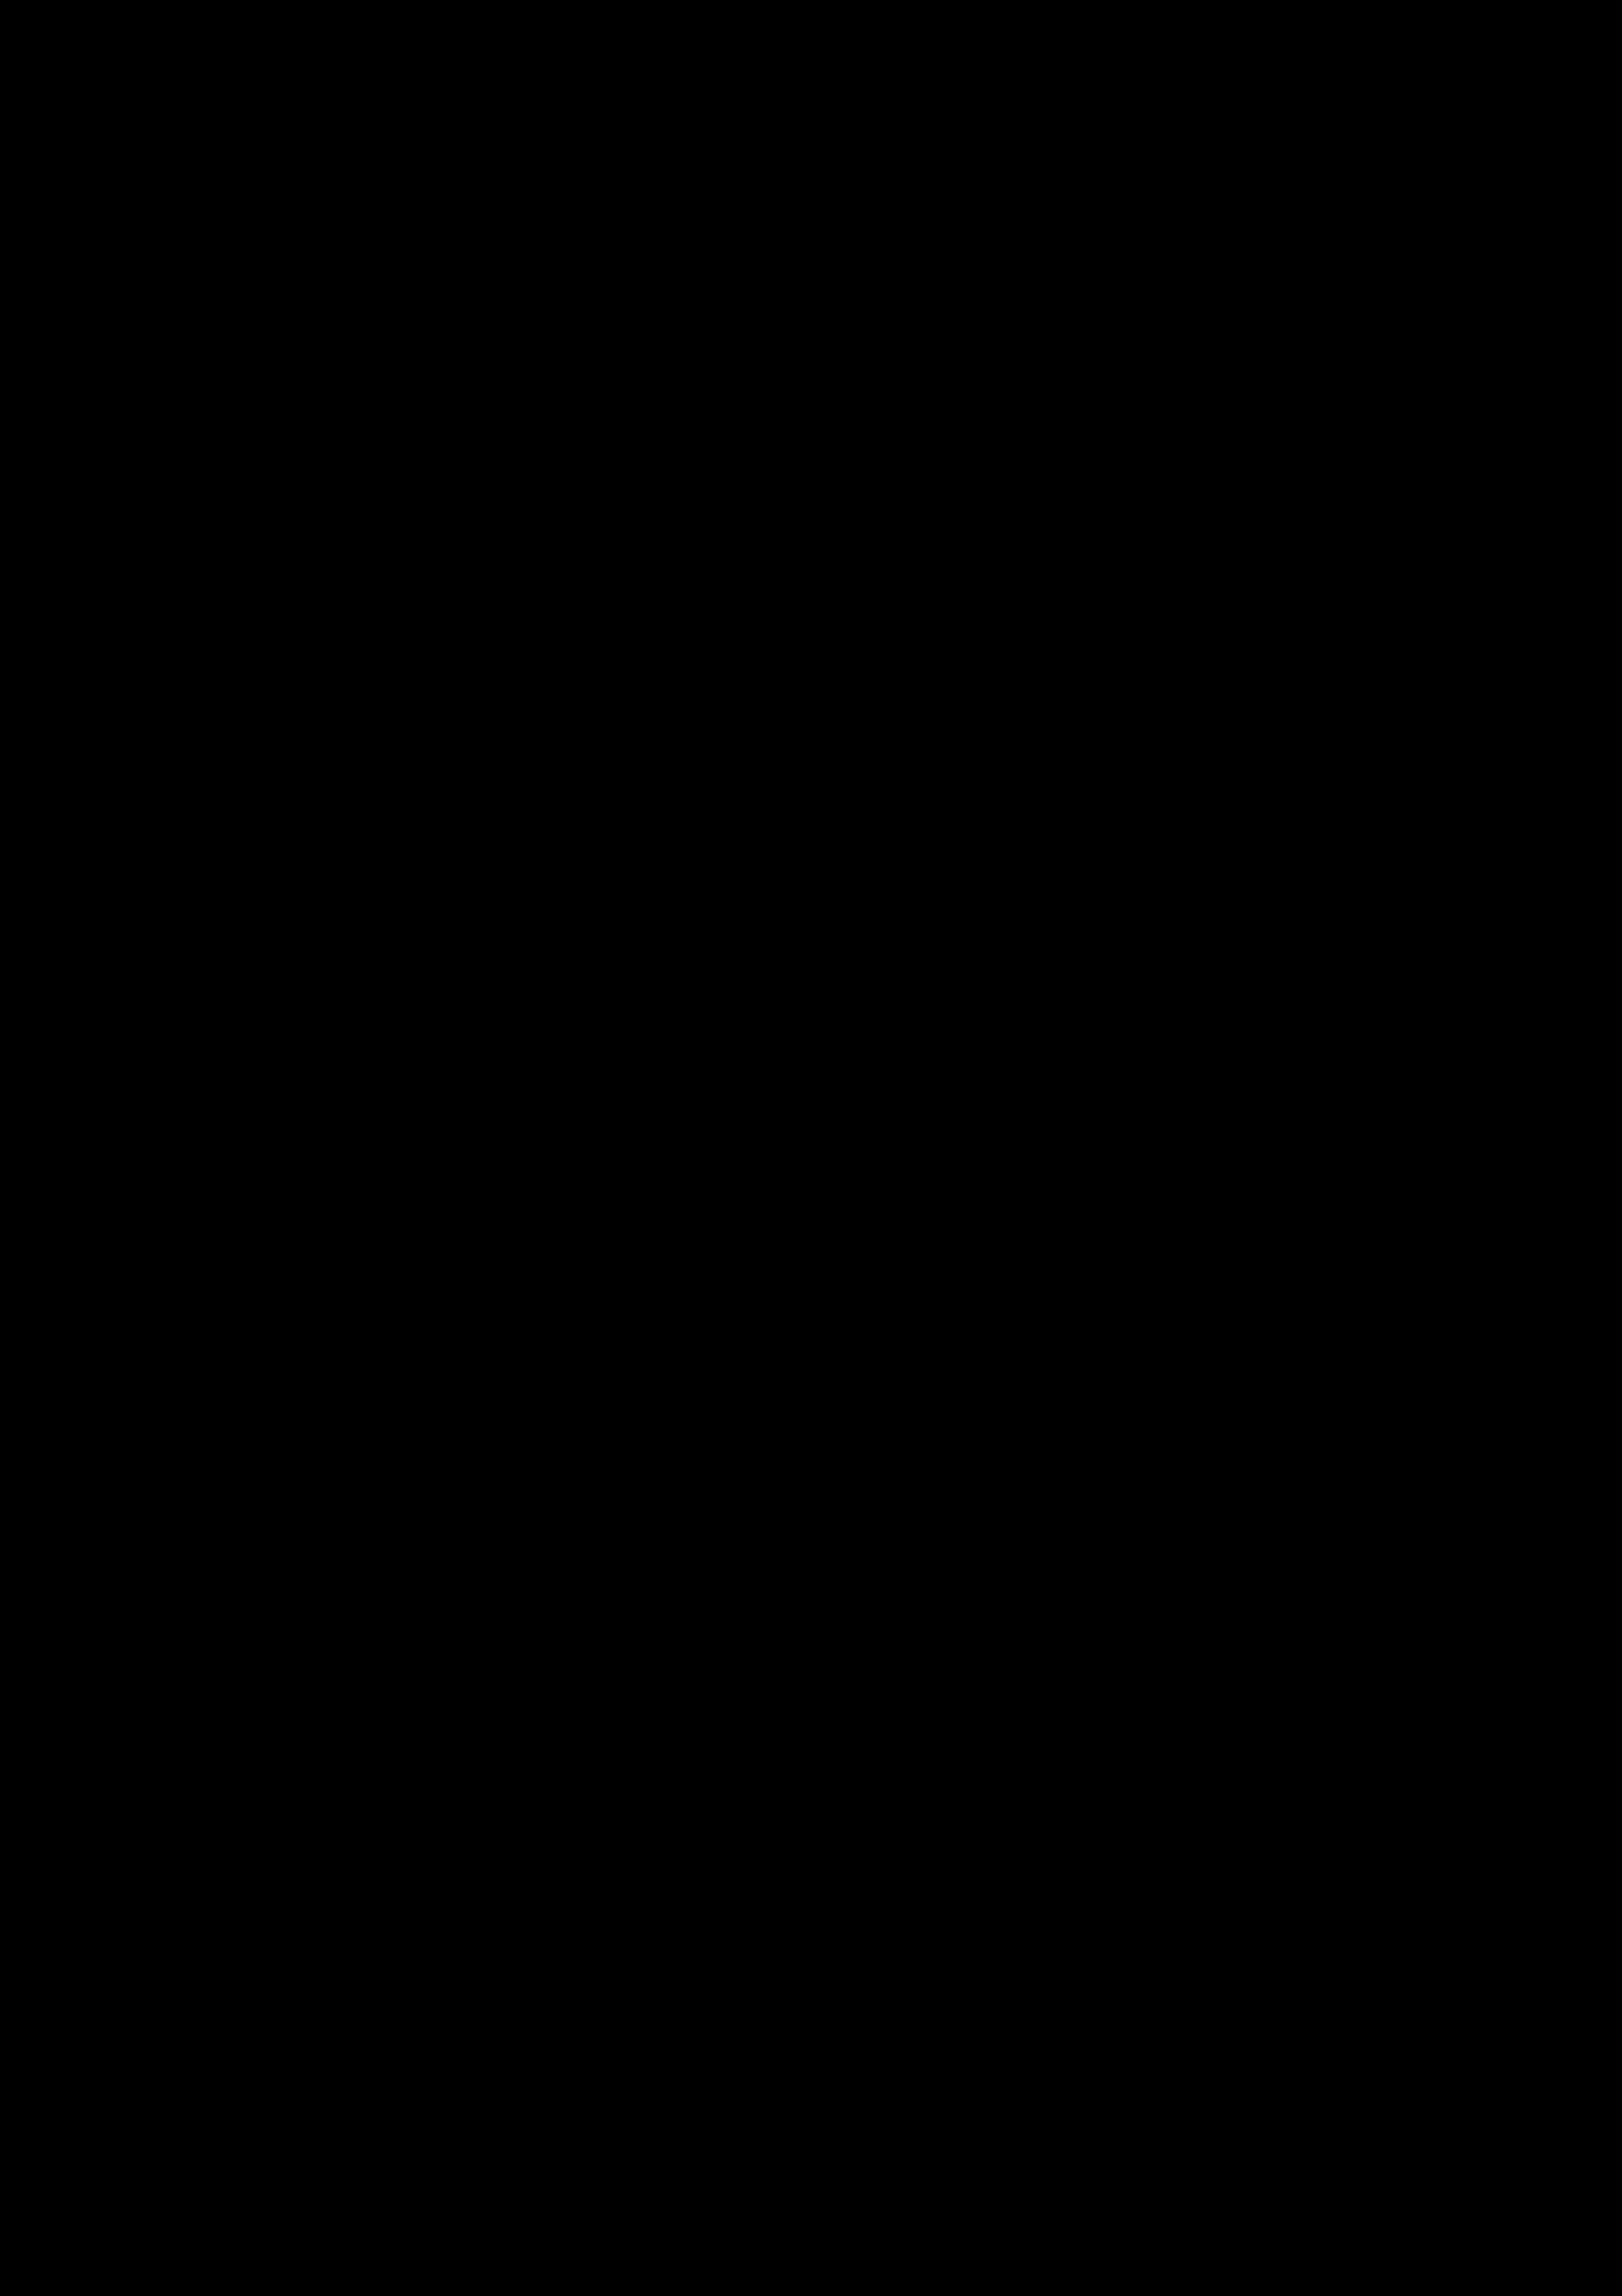 Floor plan of the building